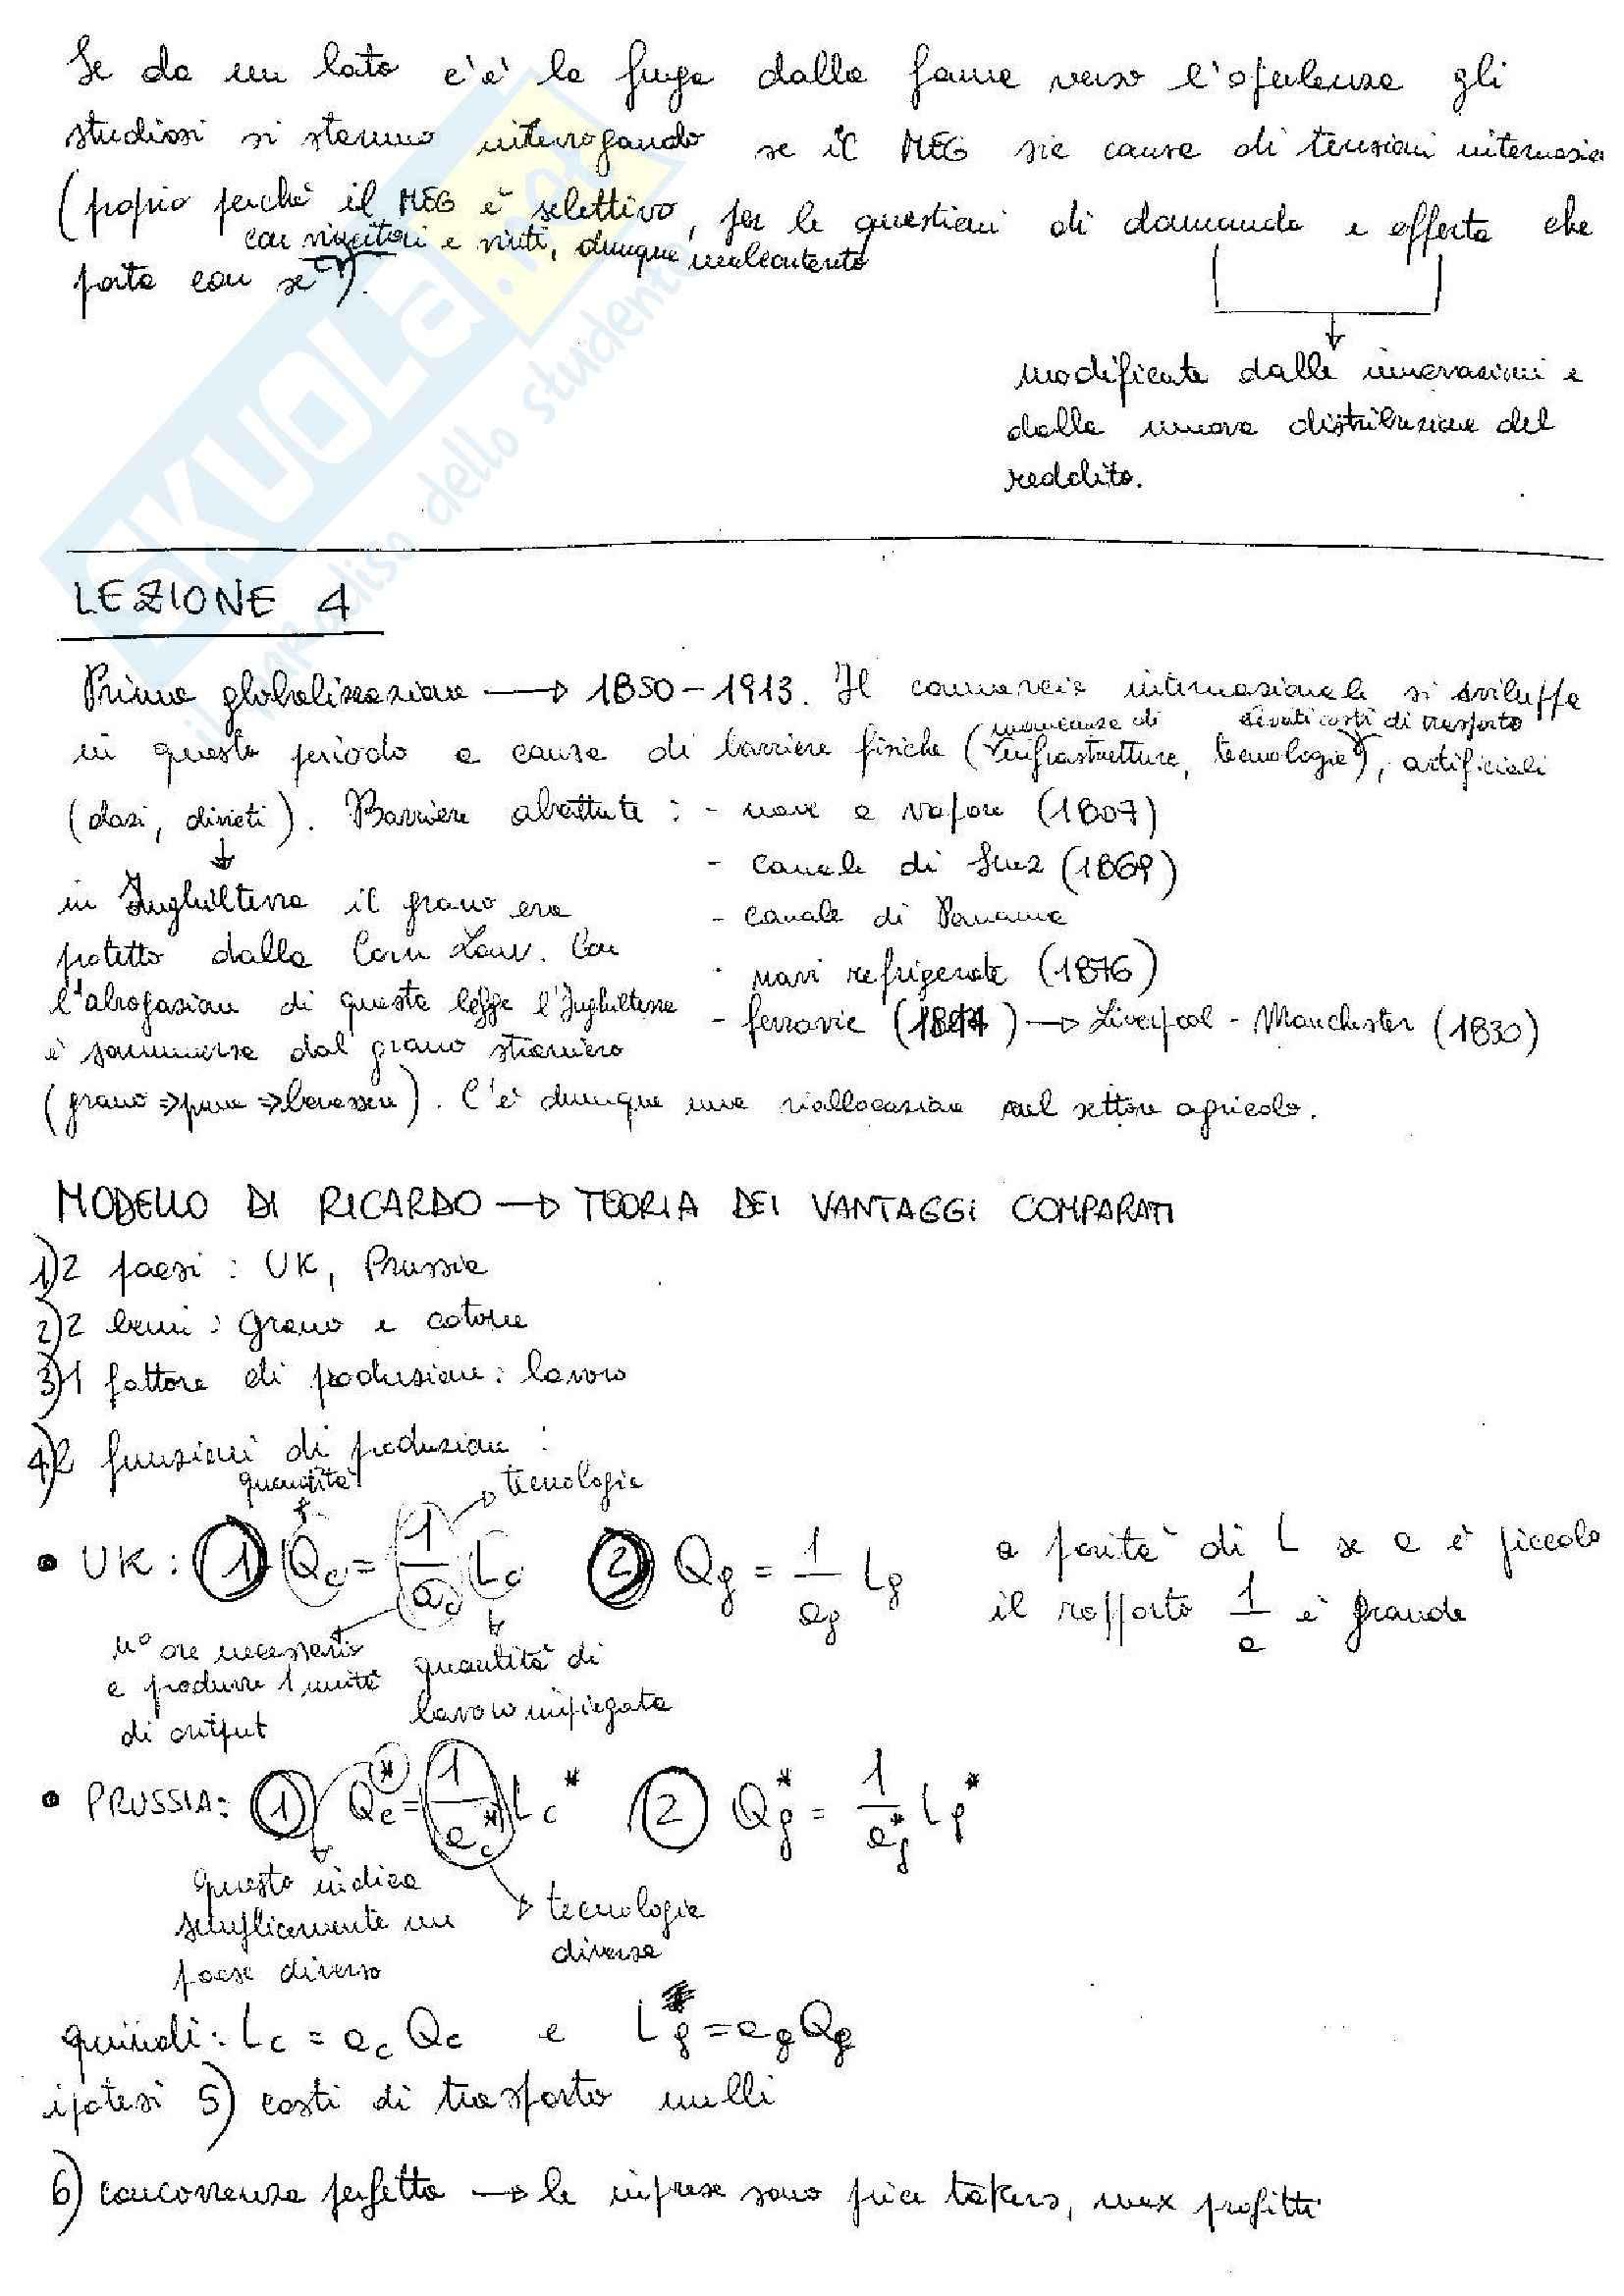 Ricardo - Teoria dei vantaggi comparati